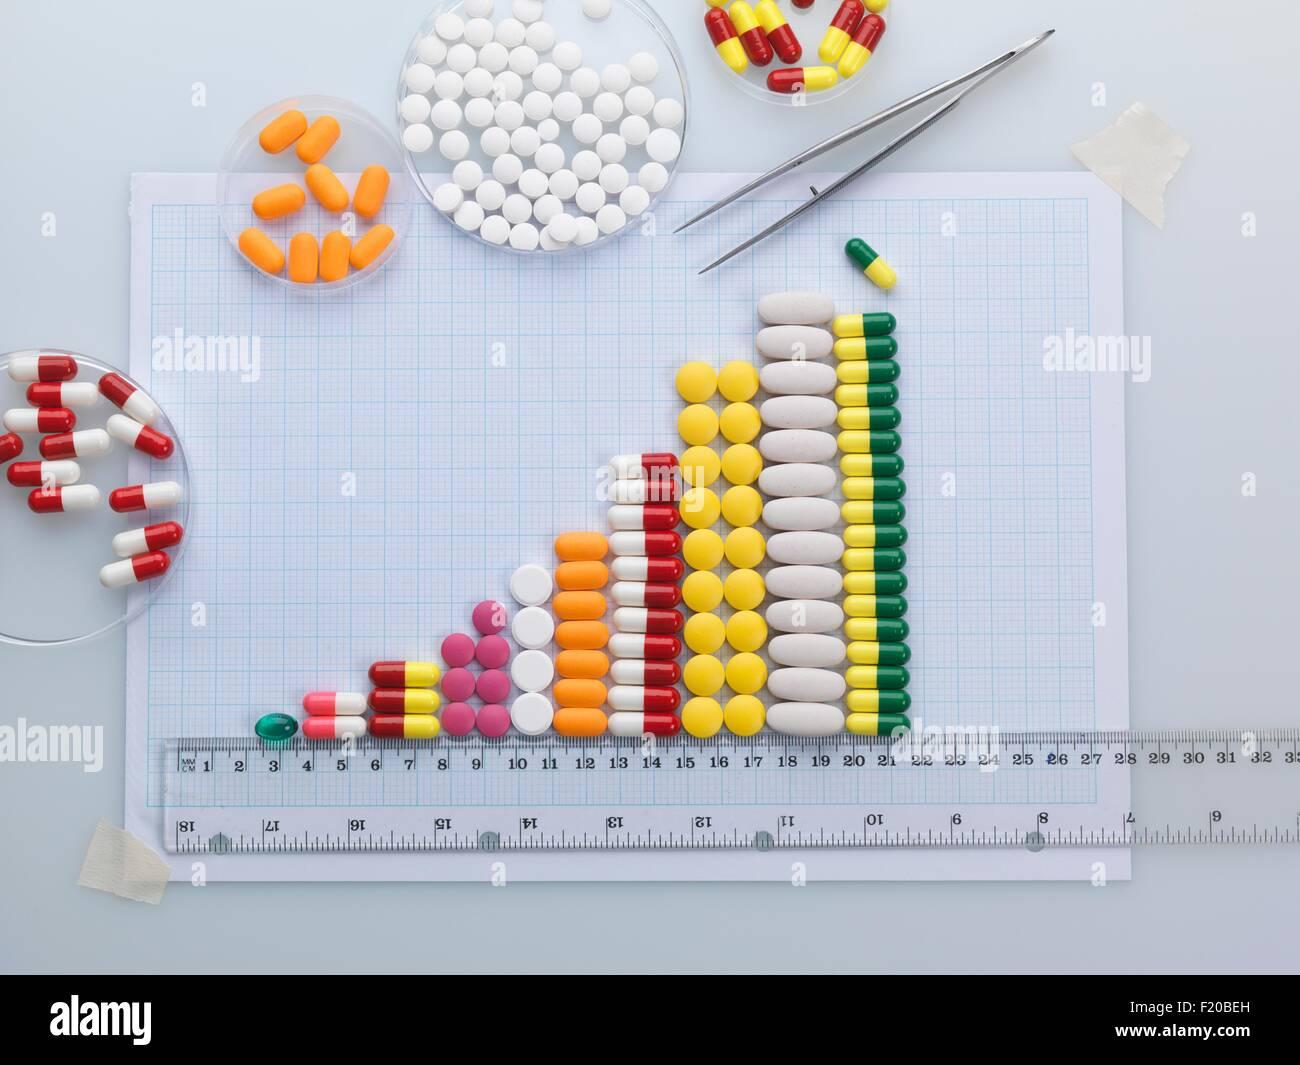 Variedad de medicina en papel milimetrado para ilustrar el aumento en el consumo de drogas médicas Imagen De Stock